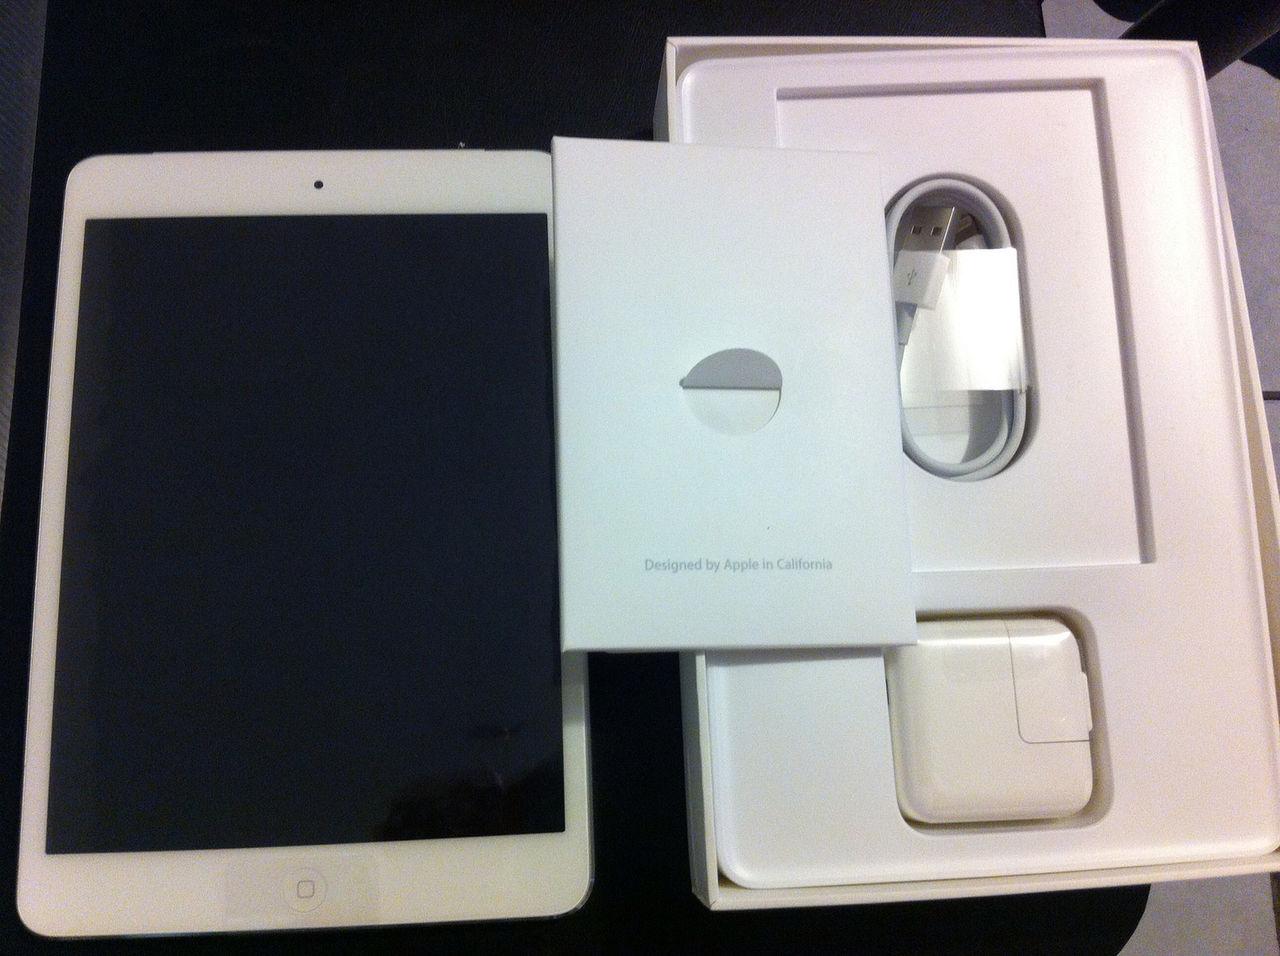 Påvens avlagda iPad såld för 270.000 kronor